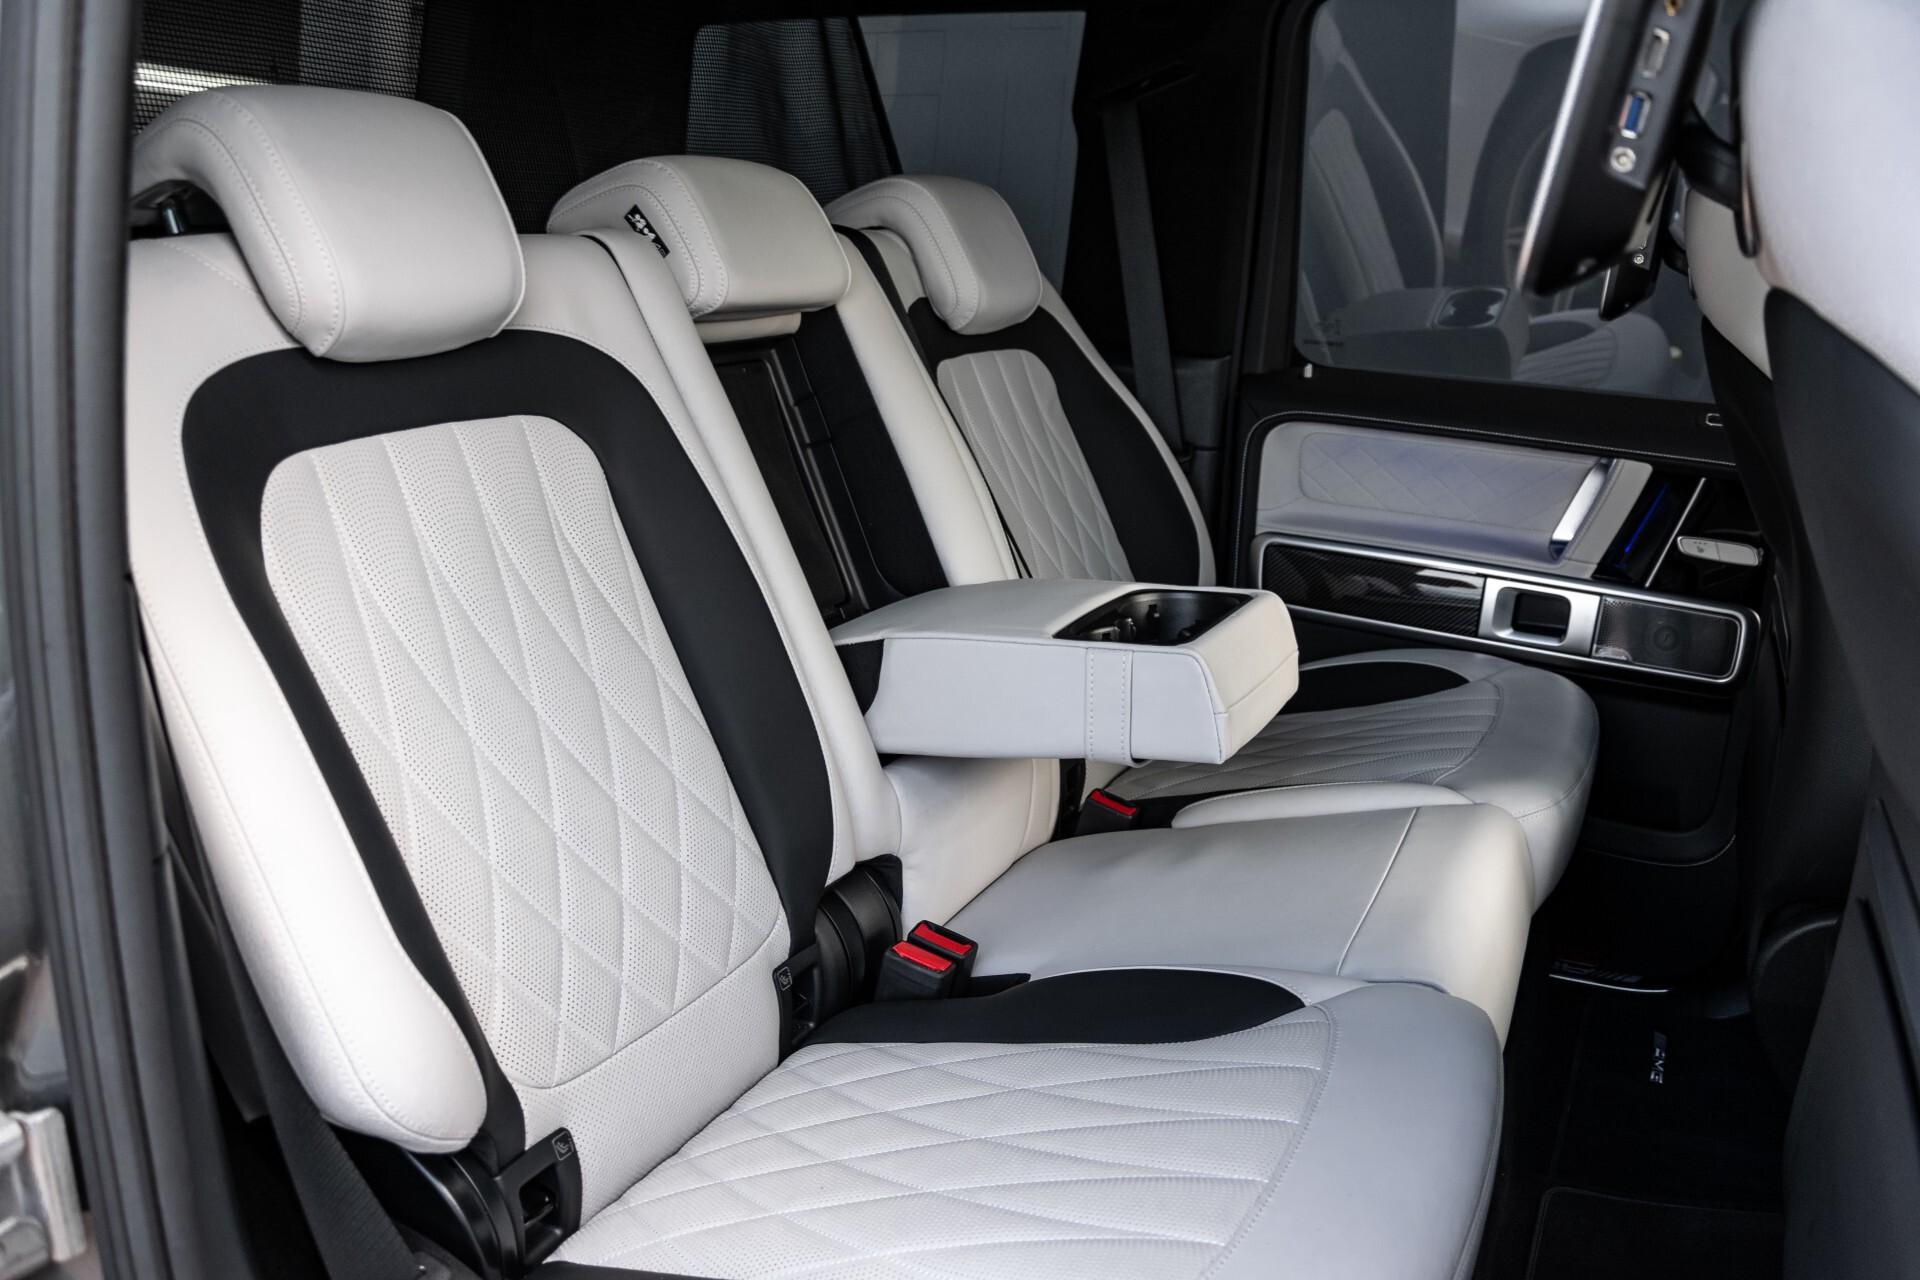 Mercedes-Benz G-Klasse 63 Manufaktur/Carbon/Massage/Entertainment/Drivers Package/TV Aut9 Foto 6